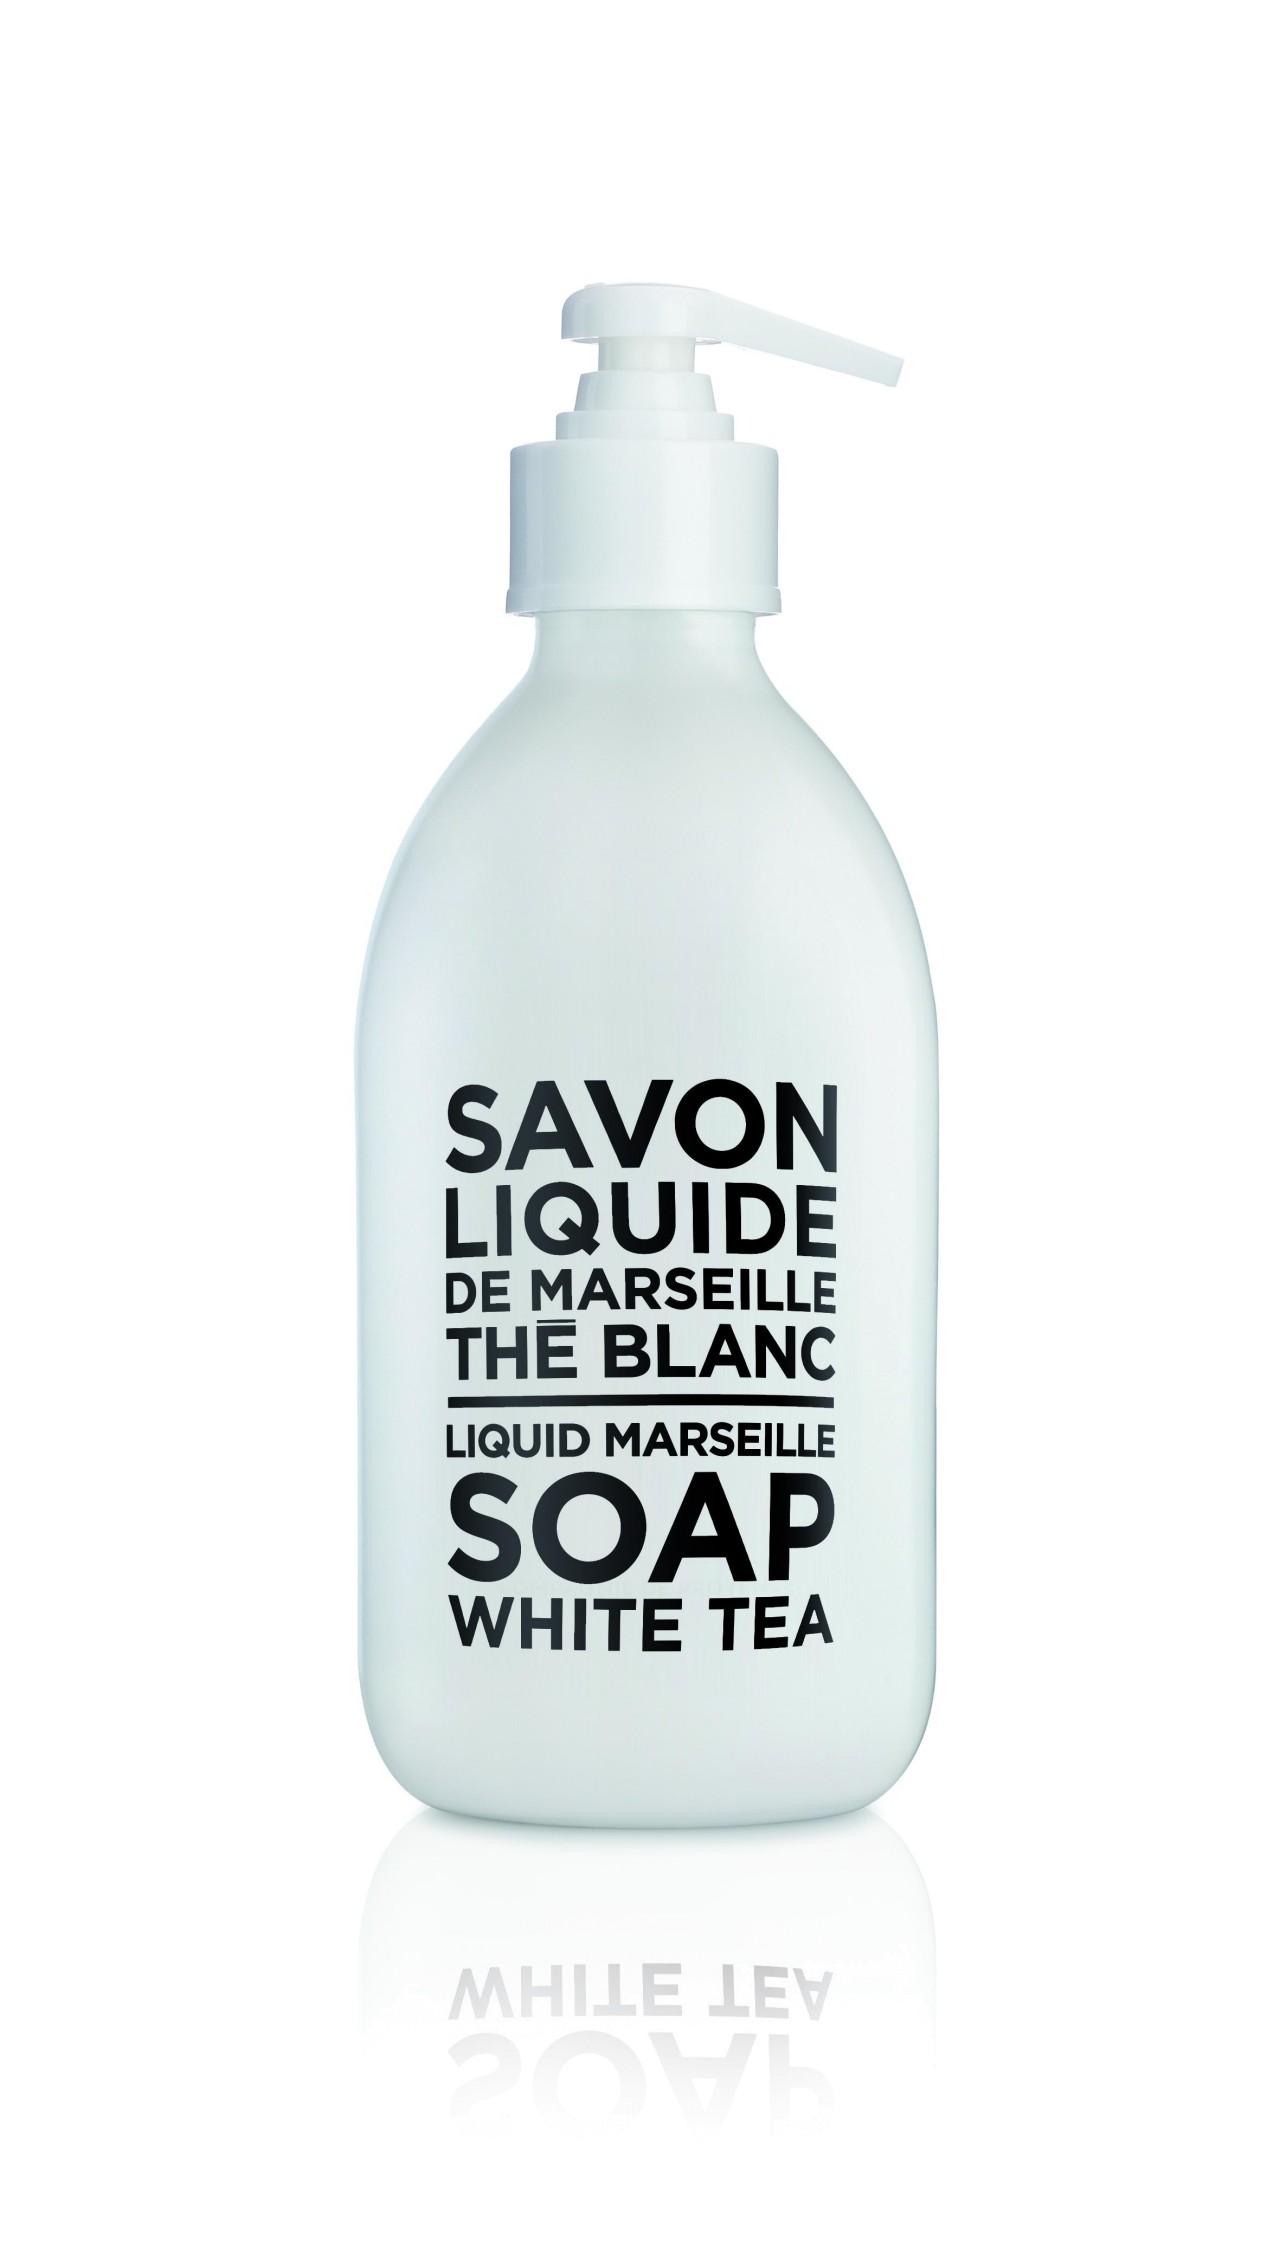 Sapone Liquido di Marsiglia al Tè Bianco 300 ml Compagnie de Provence Italia CP69422-01